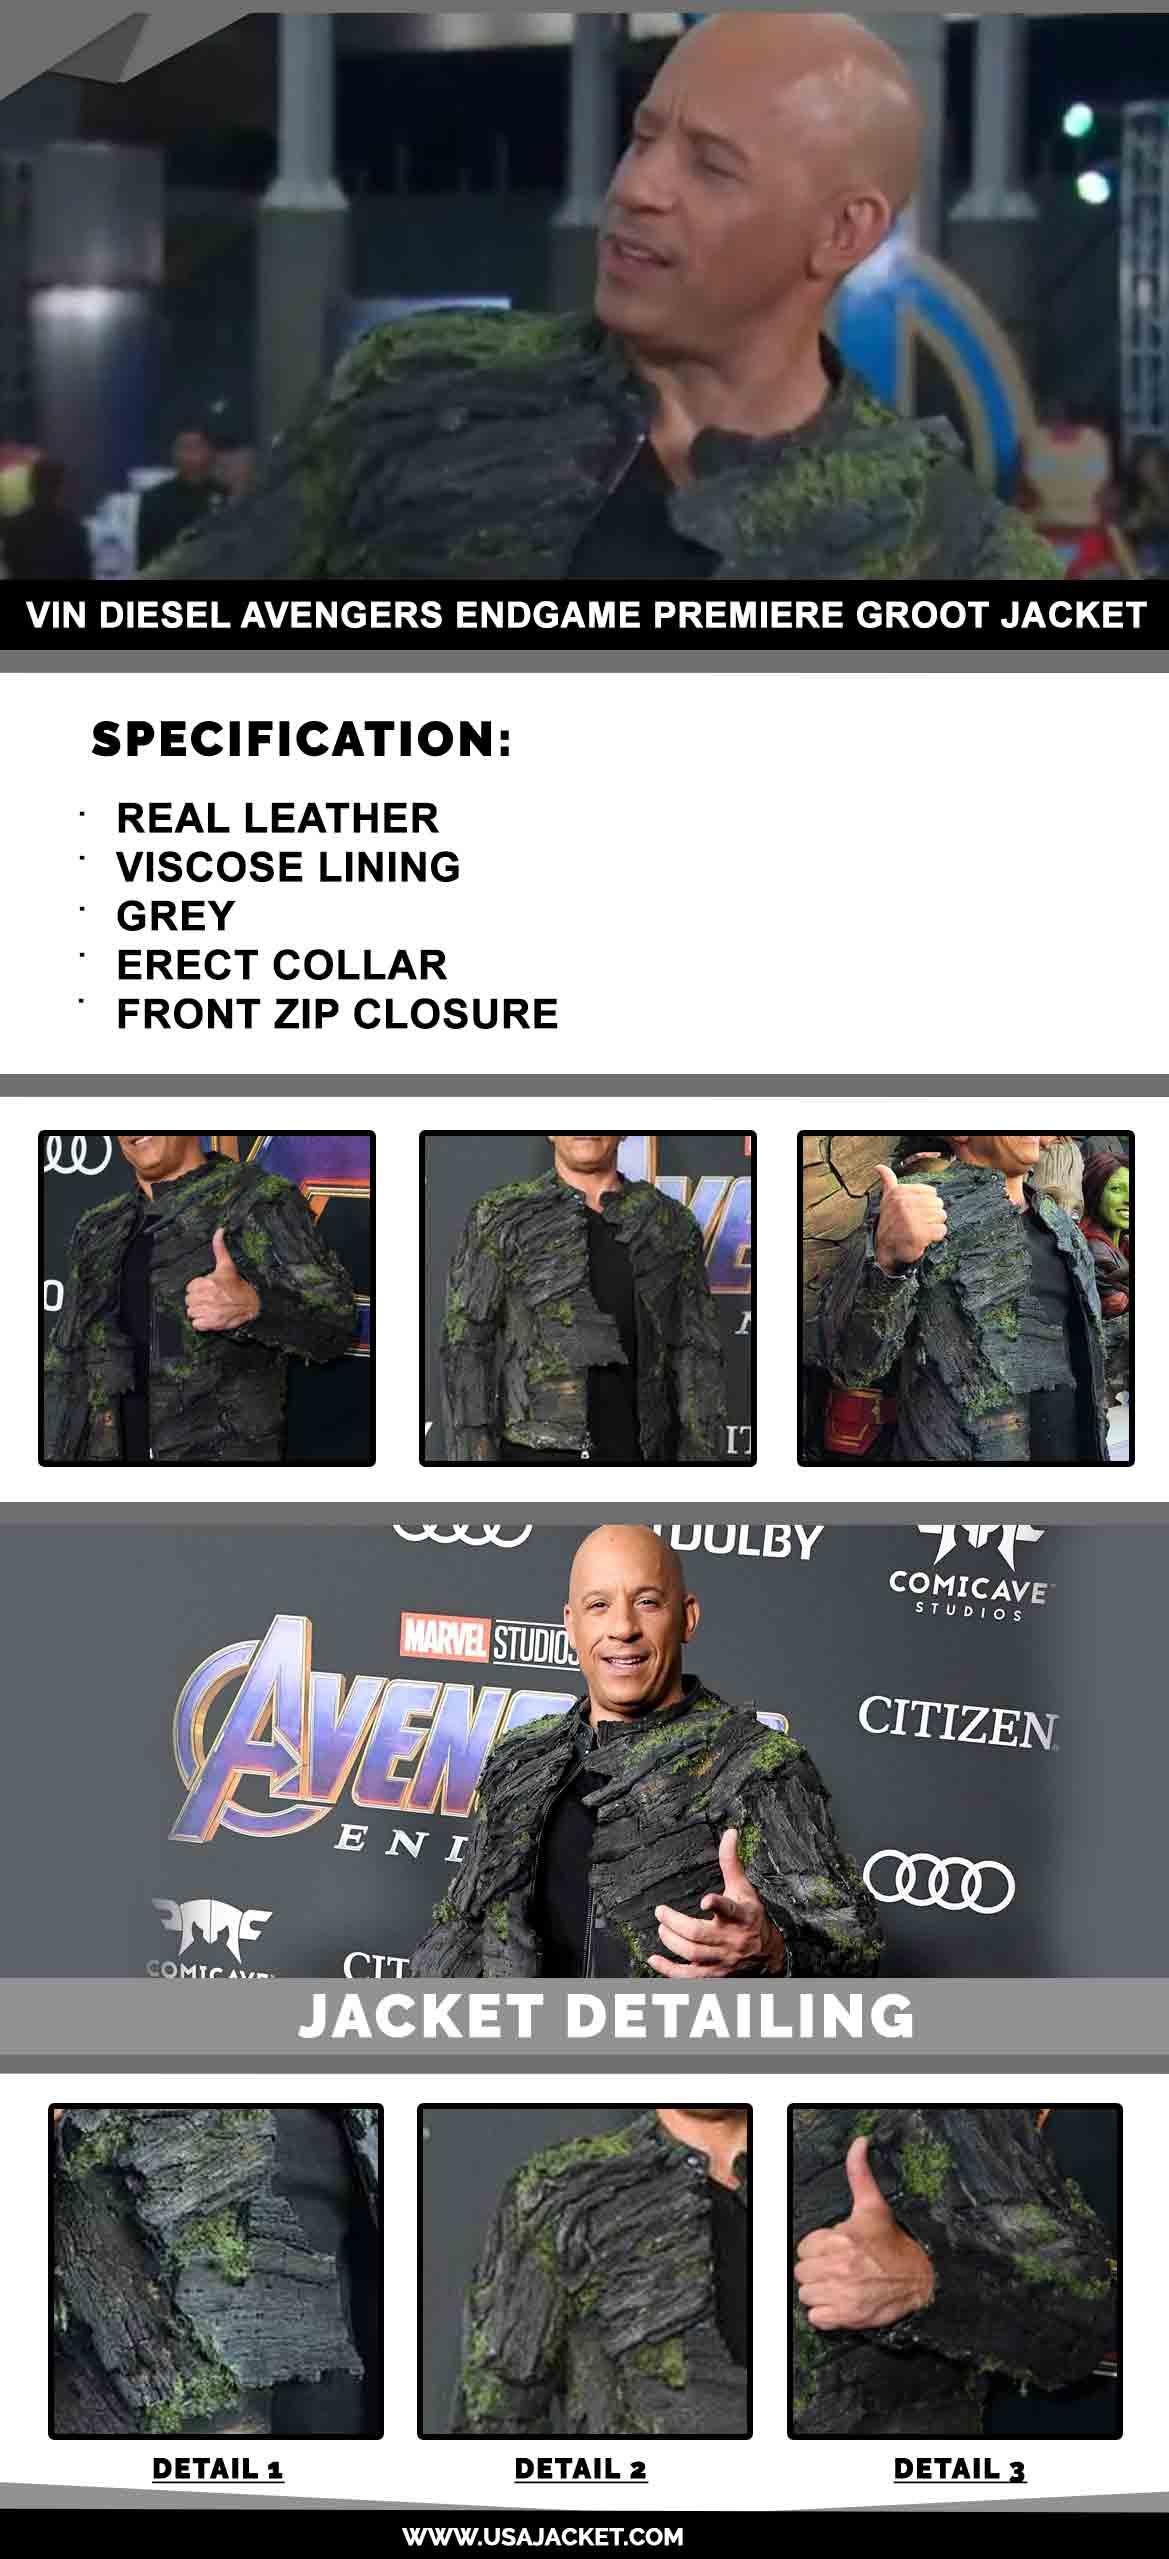 Vin Diesel Avengers Endgame Premiere Groot Jacket